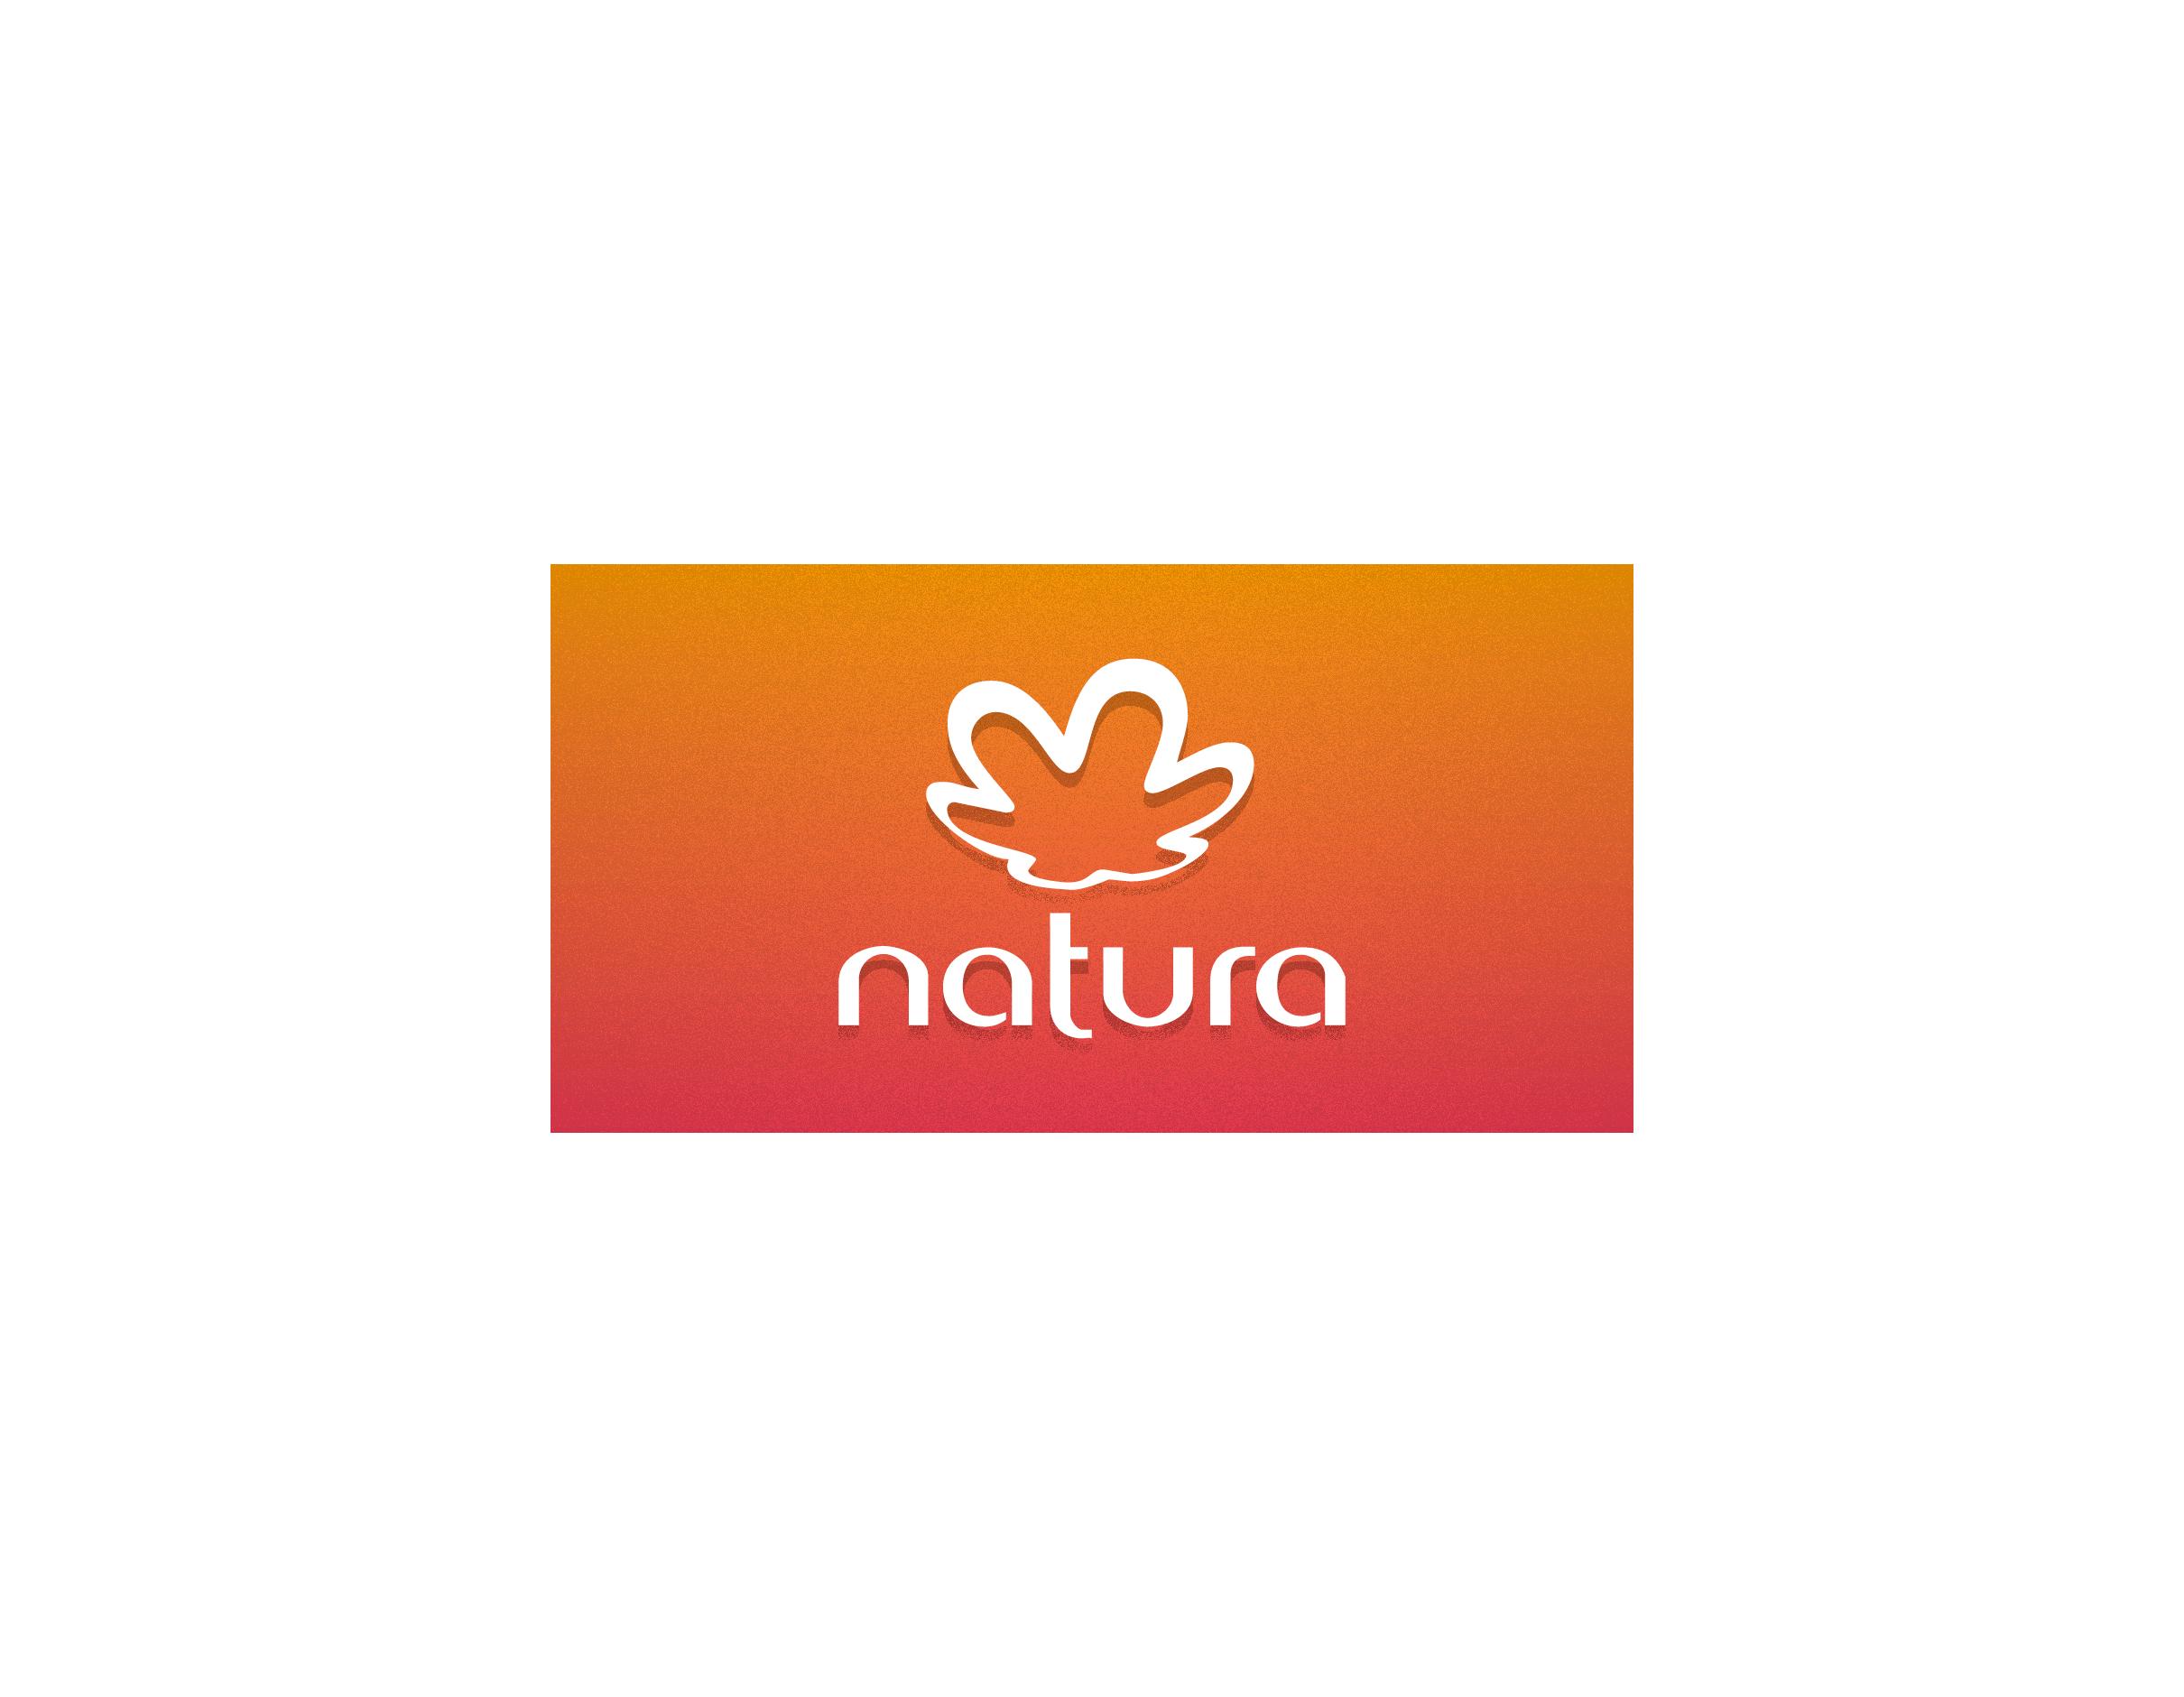 Telefone da Natura para atendimento ao cliente